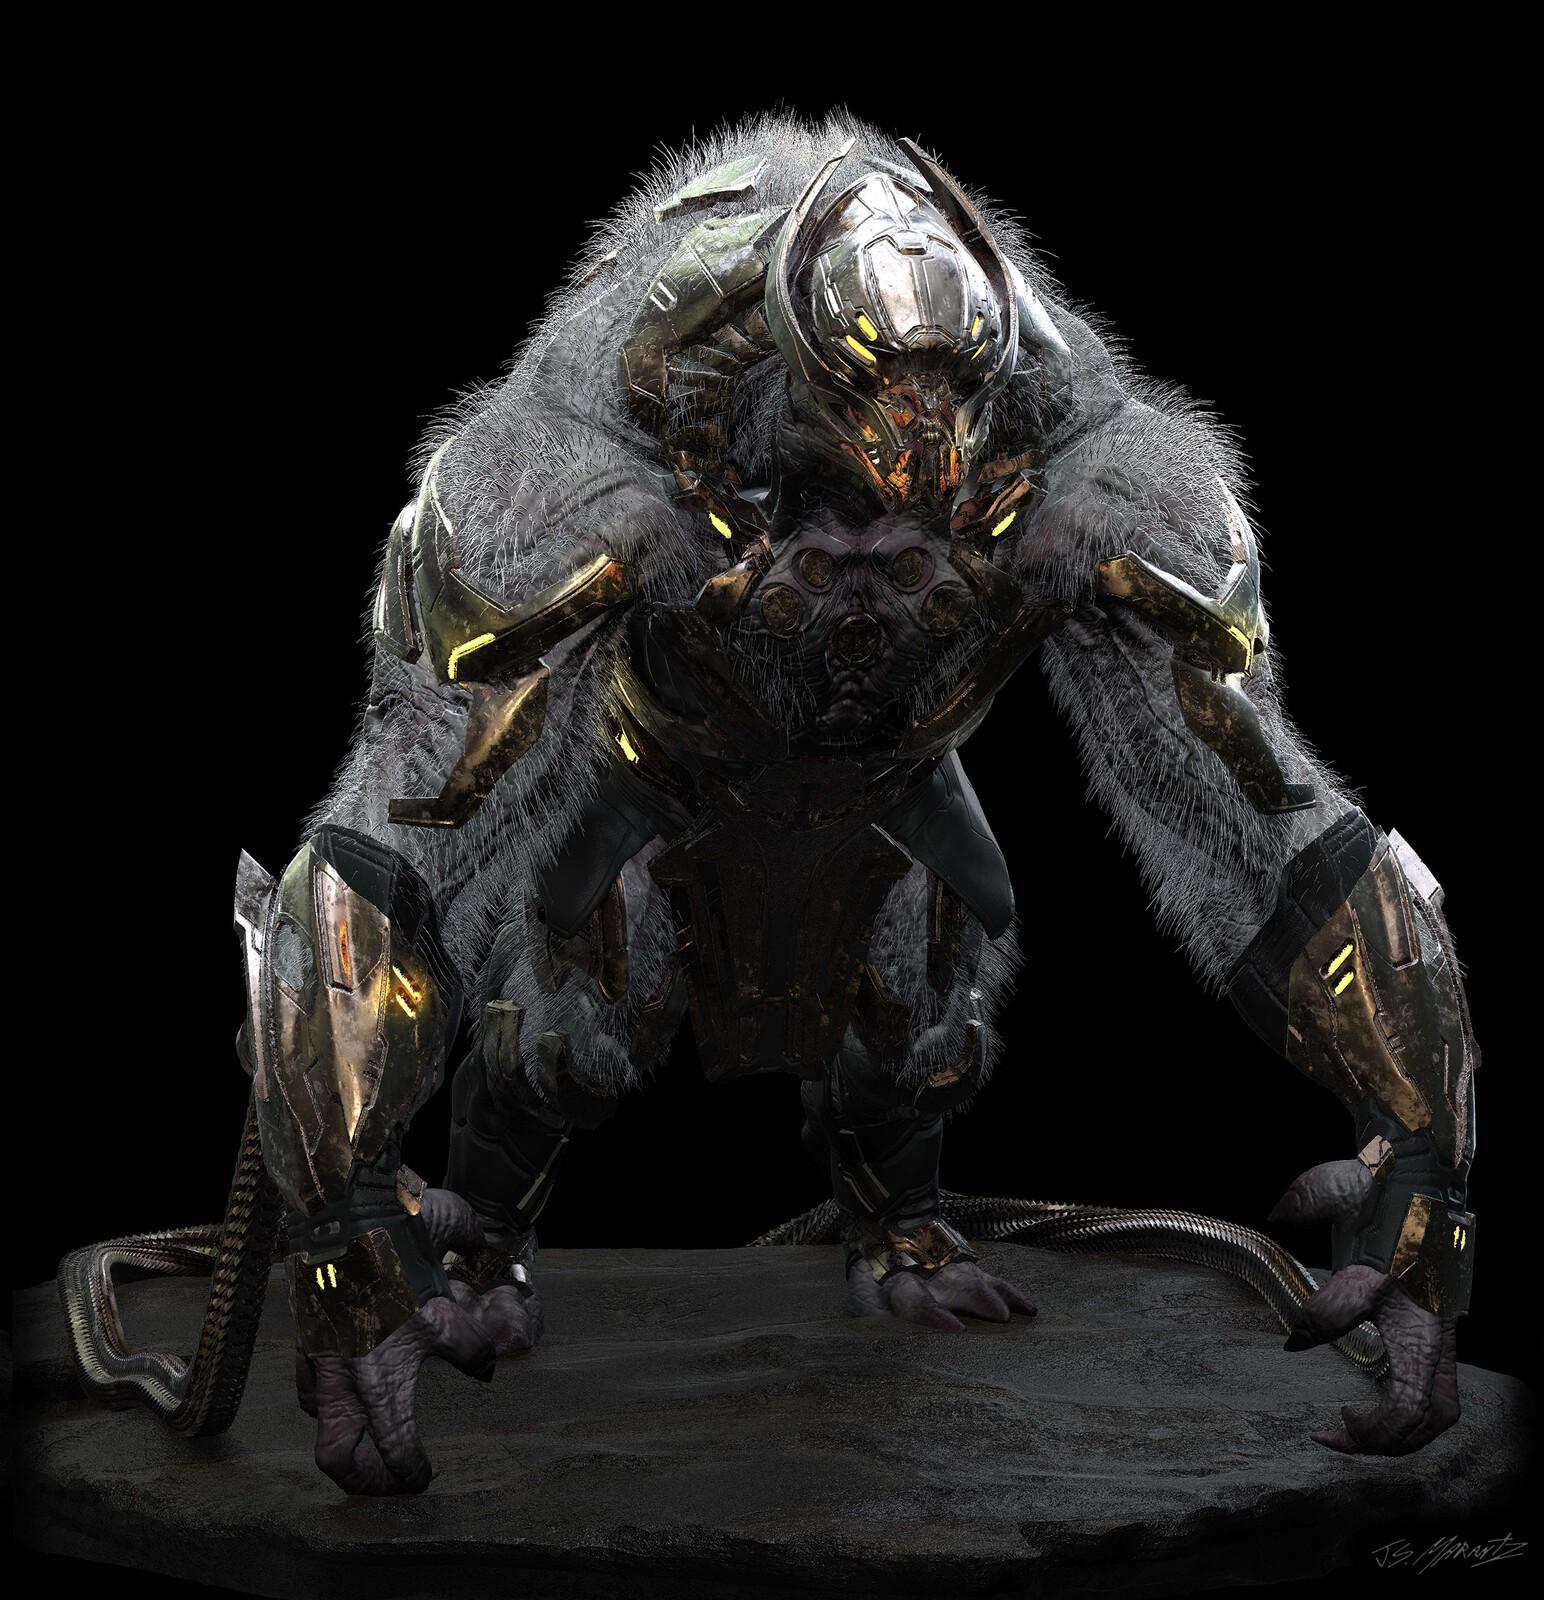 Avengers Endgame: Chitauri Gorilla Design